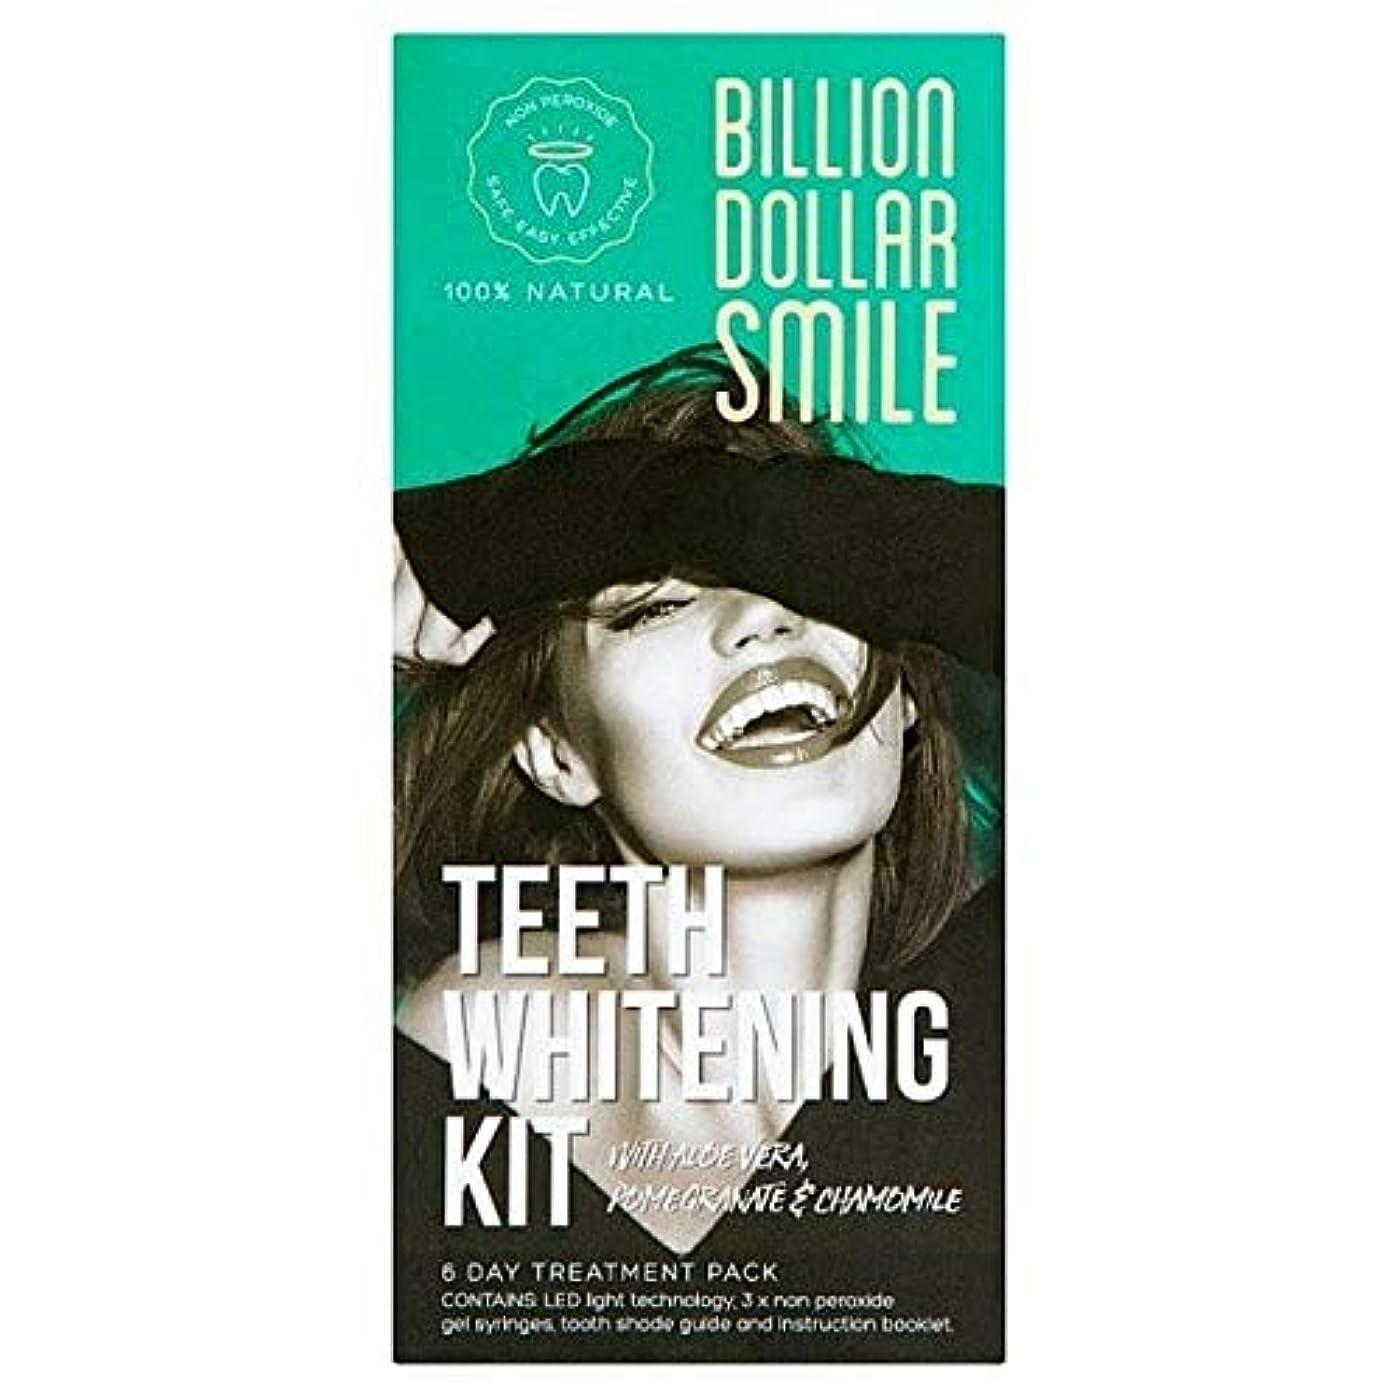 スタジオ会議ボックス[Billion Dollar Smile ] キットを白く億ドルの笑顔歯 - Billion Dollar Smile Teeth Whitening Kit [並行輸入品]